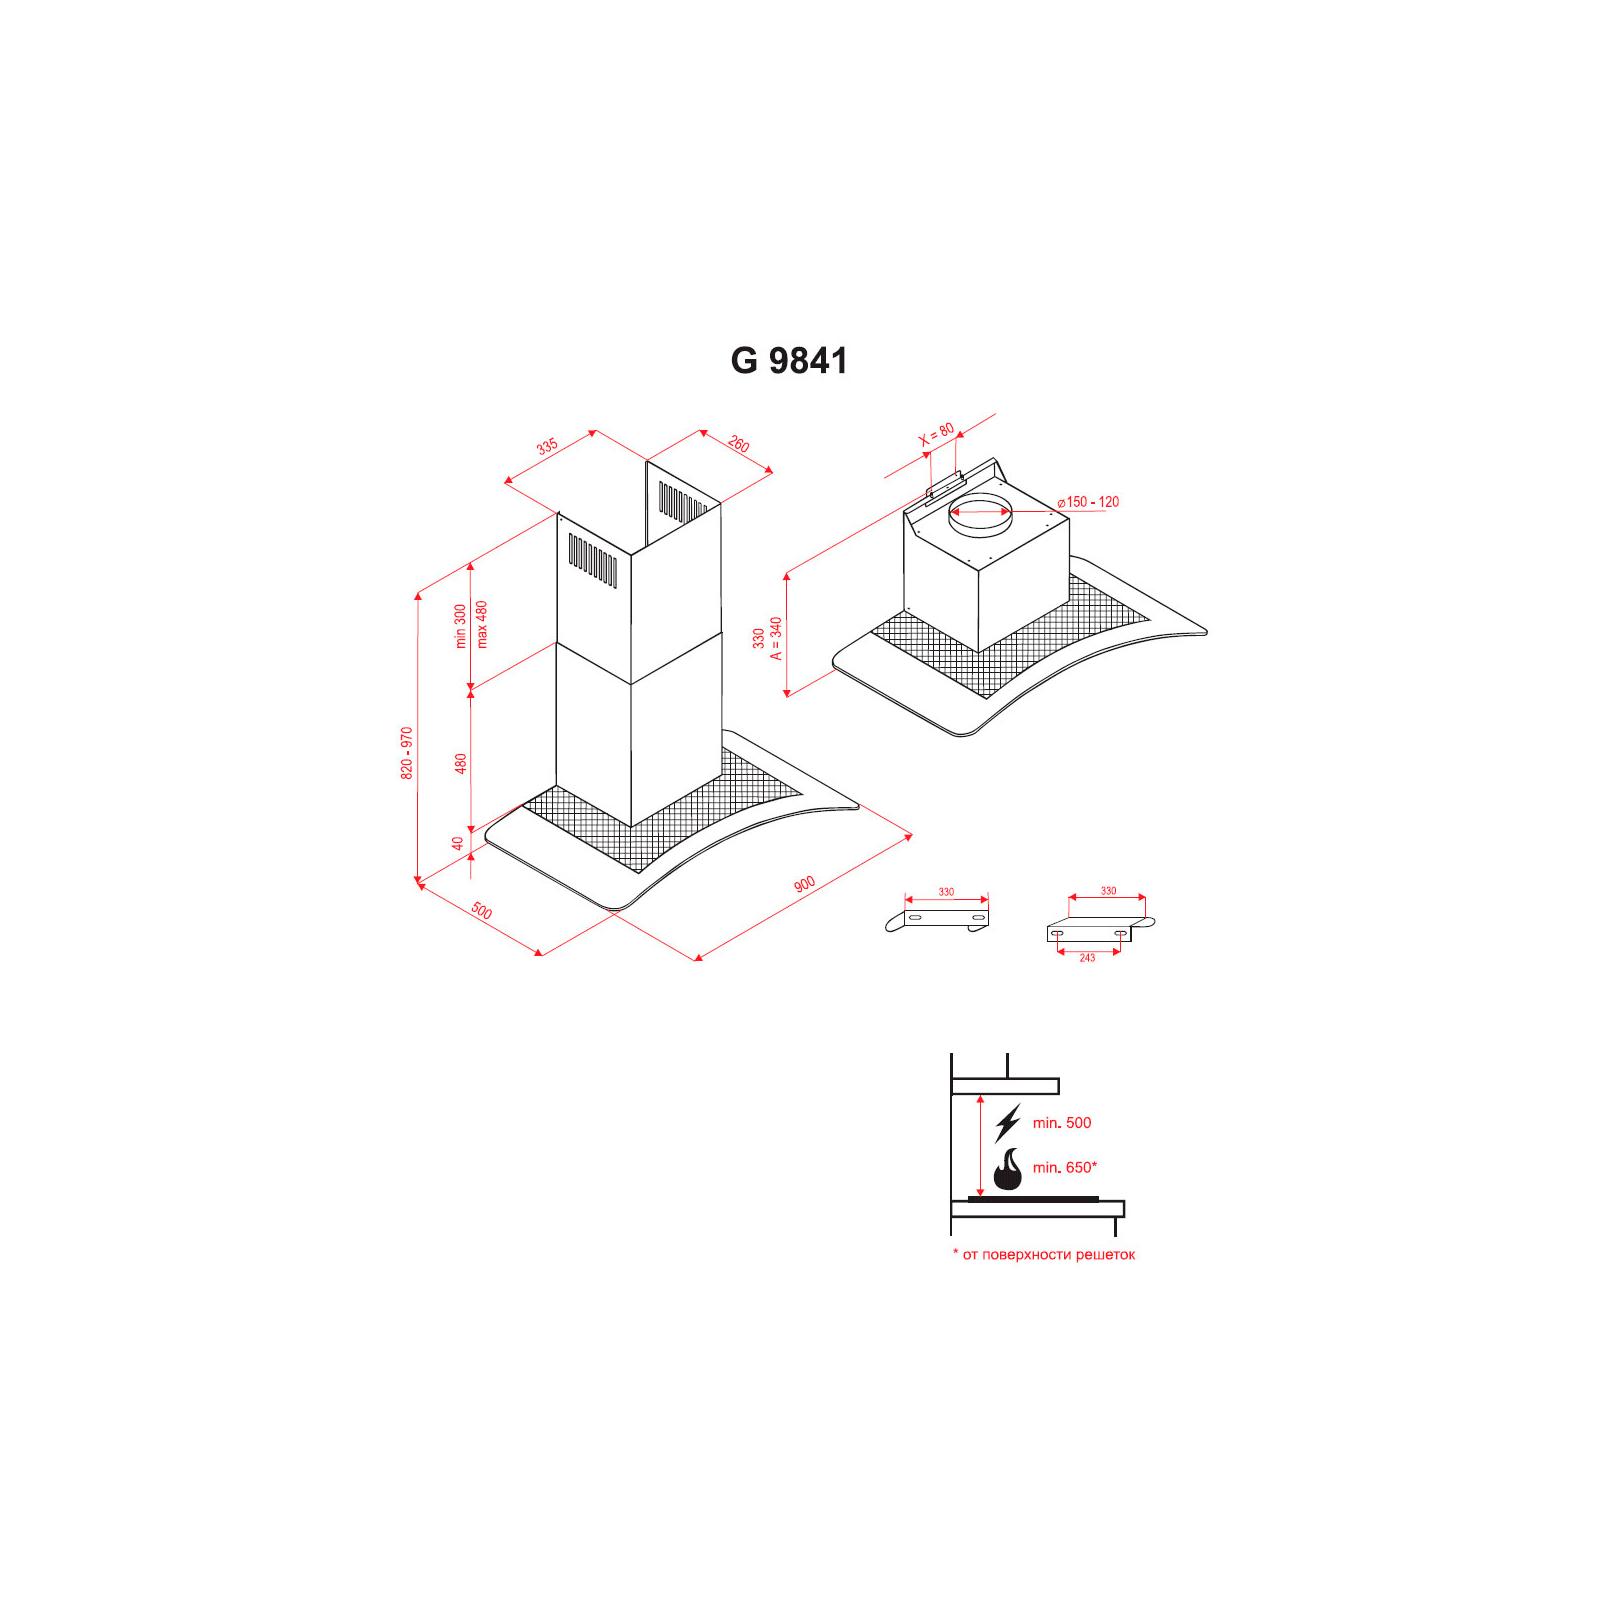 Вытяжка кухонная Perfelli G 9841 I изображение 7